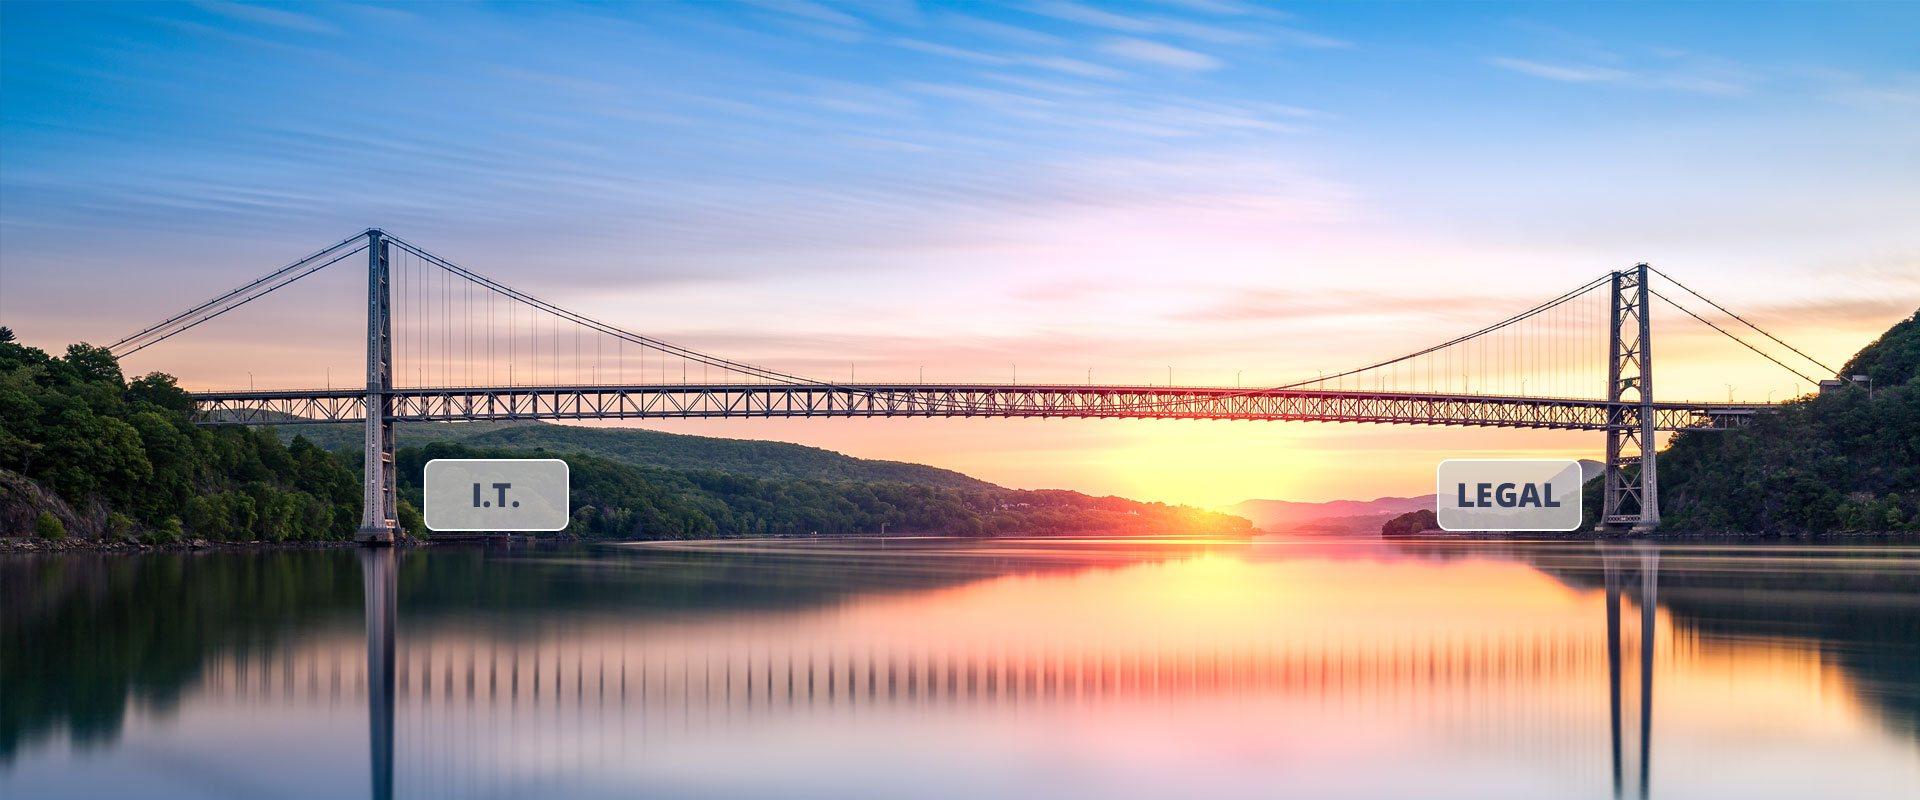 A bridge with a